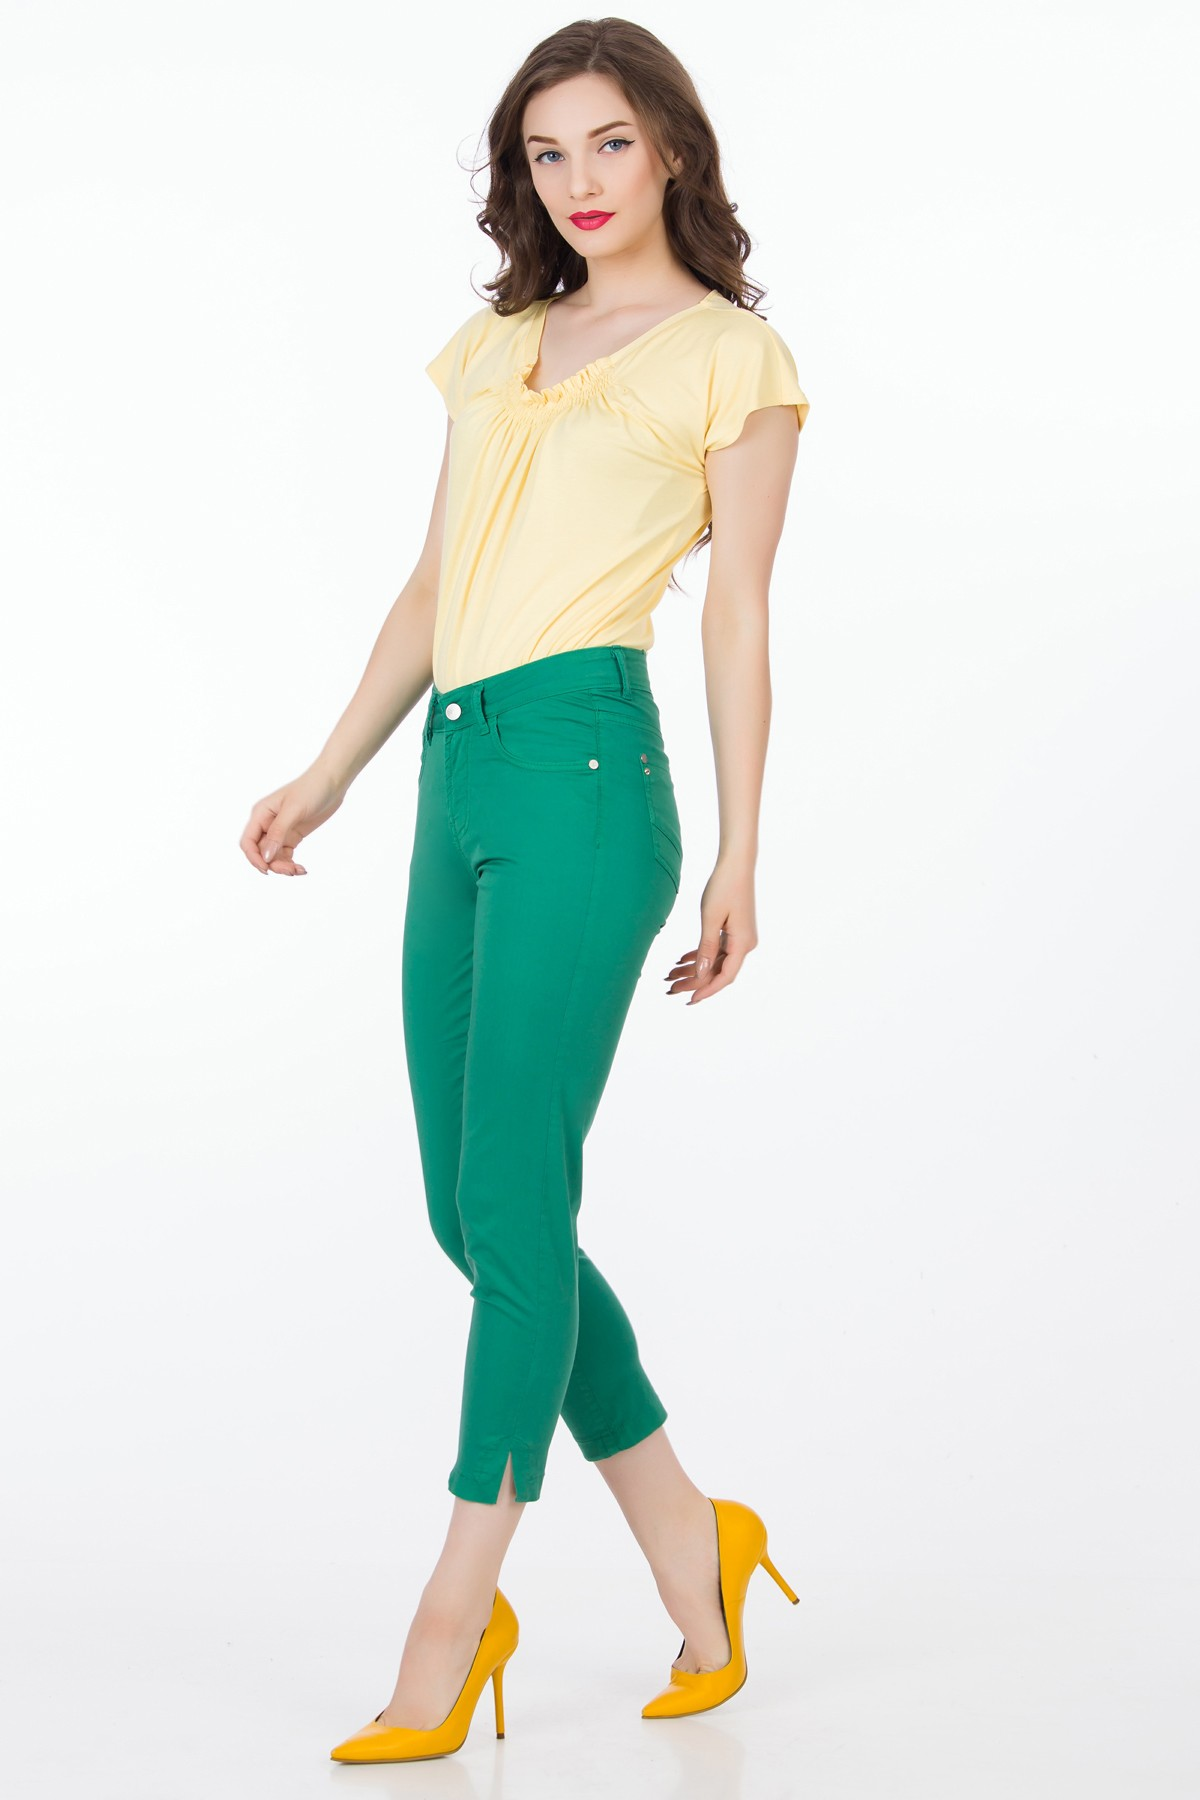 pantalon-verde-sense